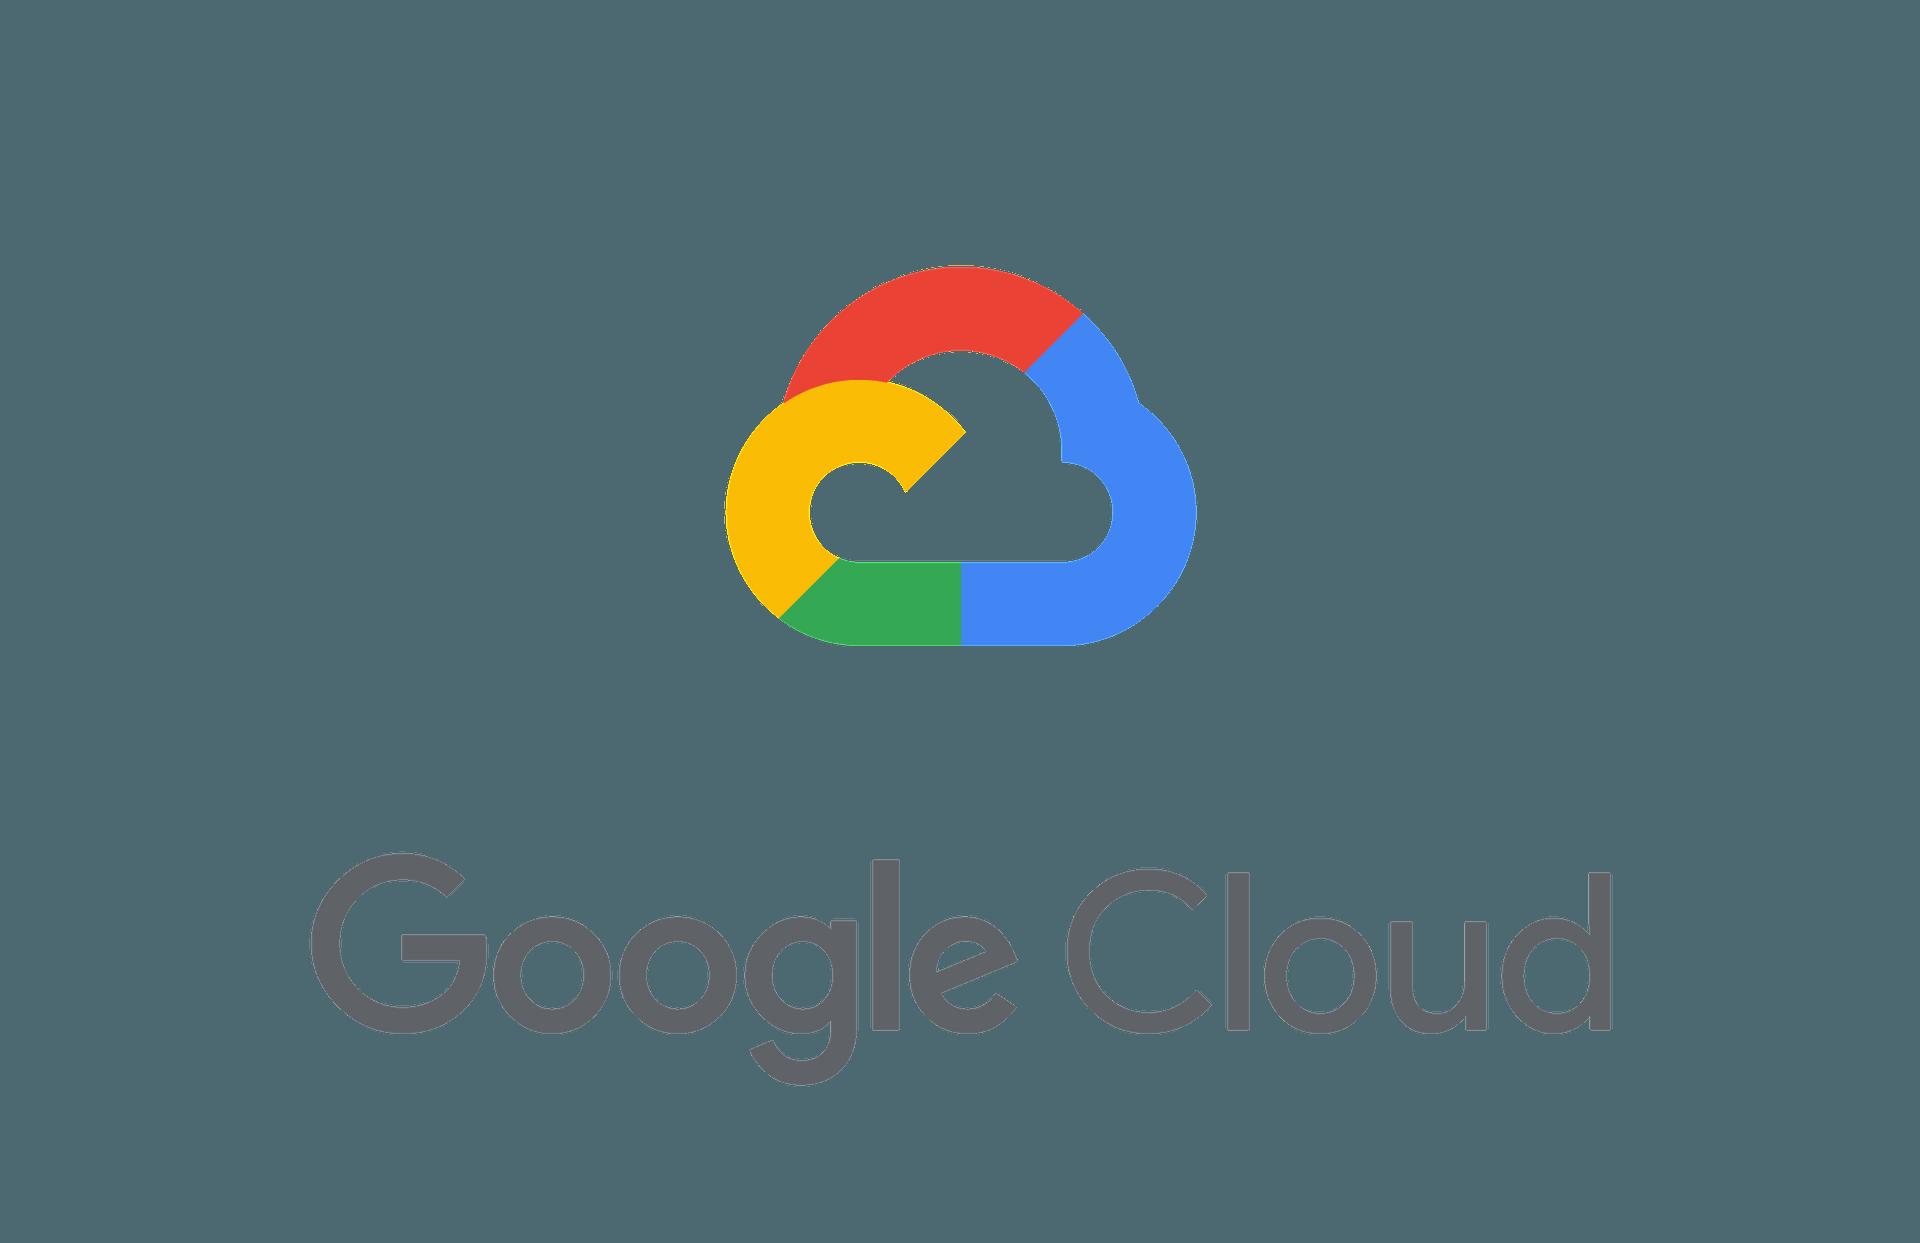 Liga Americana de Baseball anuncia Google Cloud como principal parceiro